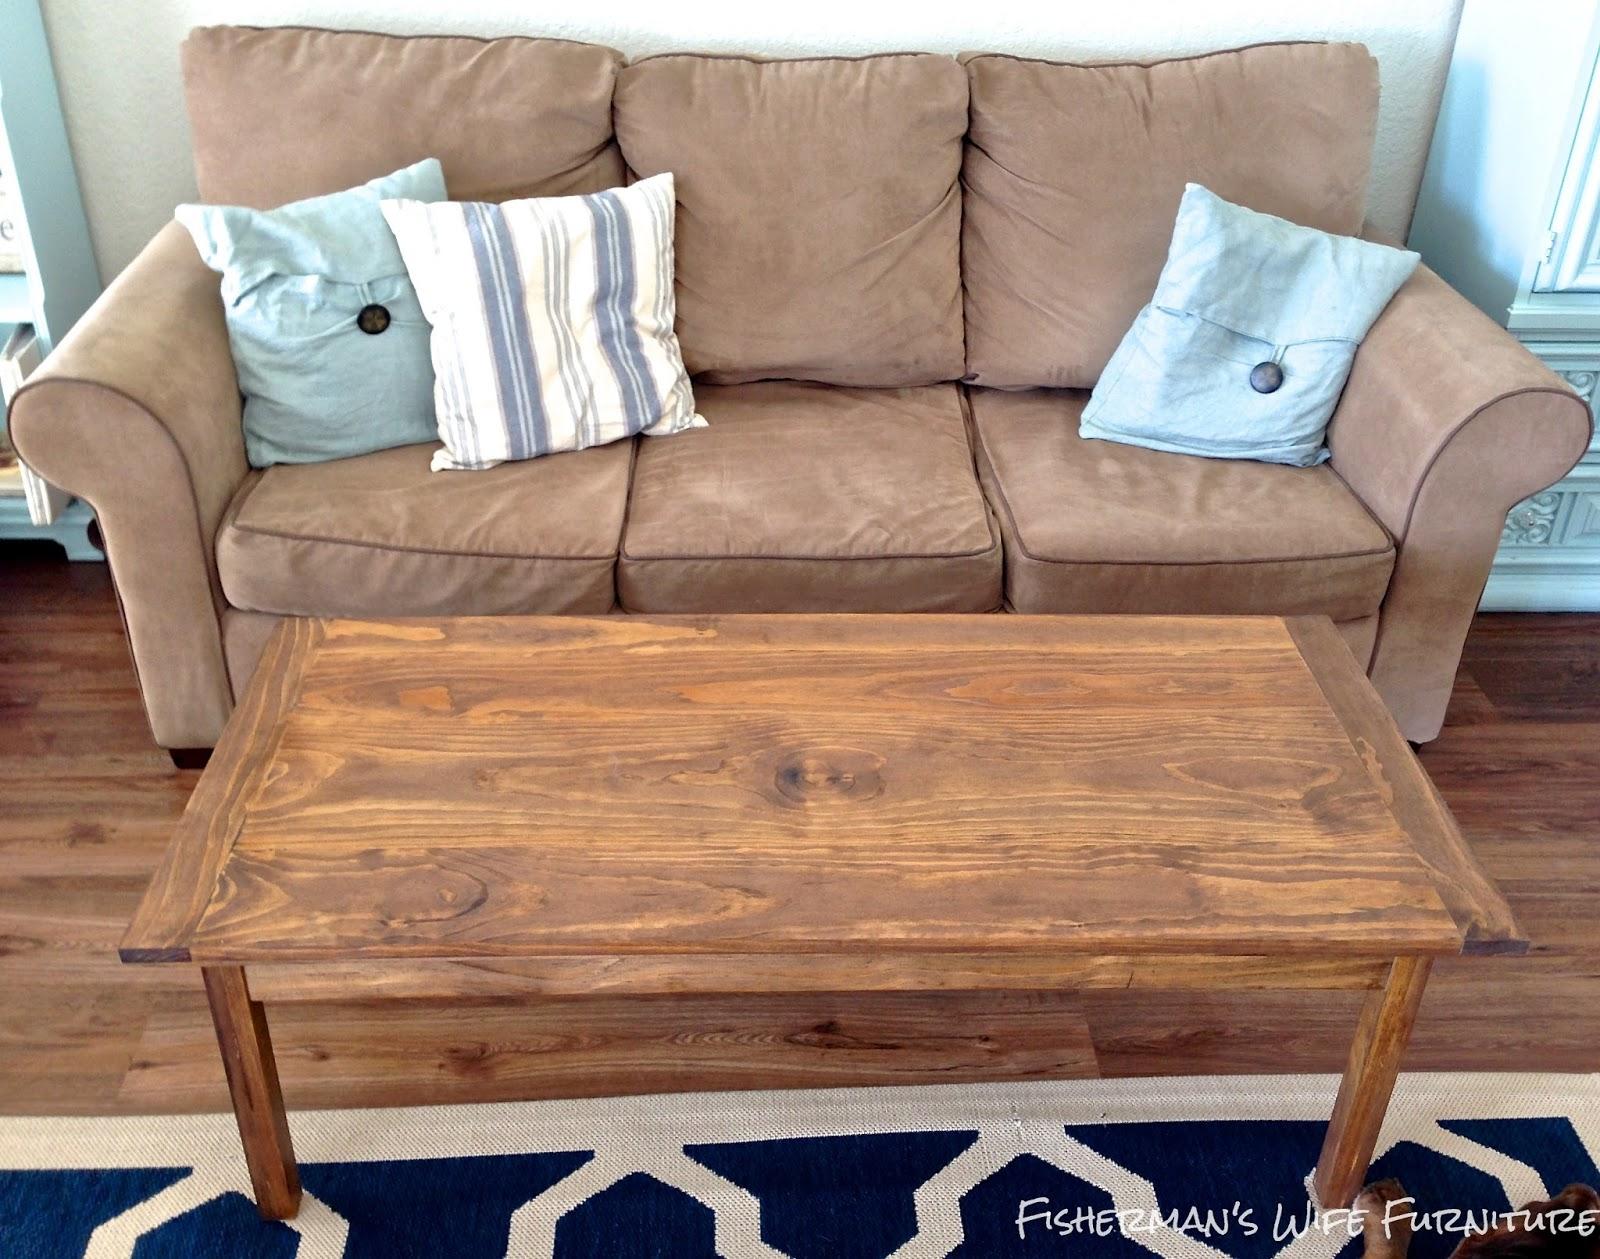 Fisherman s Wife Furniture DIY Coffee Table